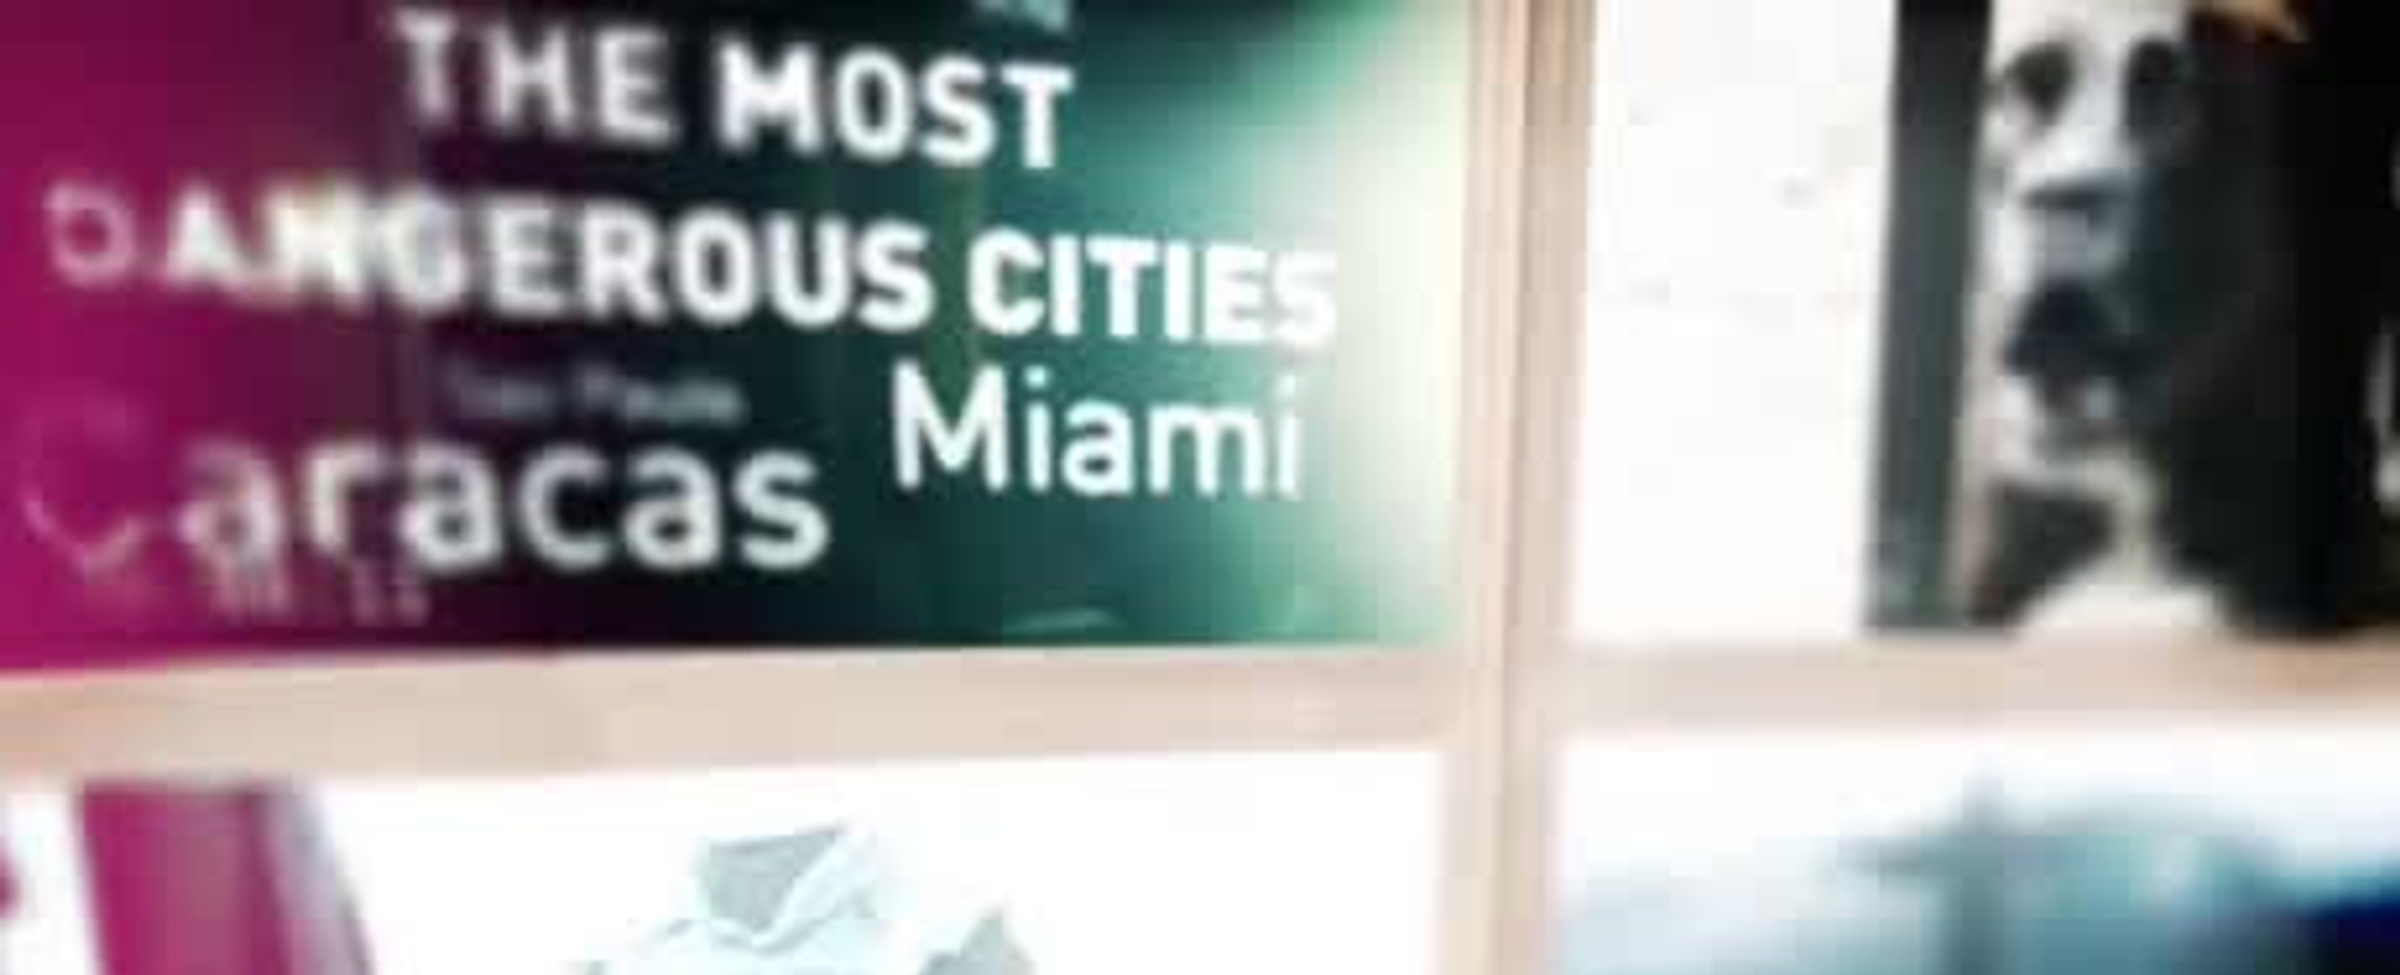 Nejnebezpečnější města světa